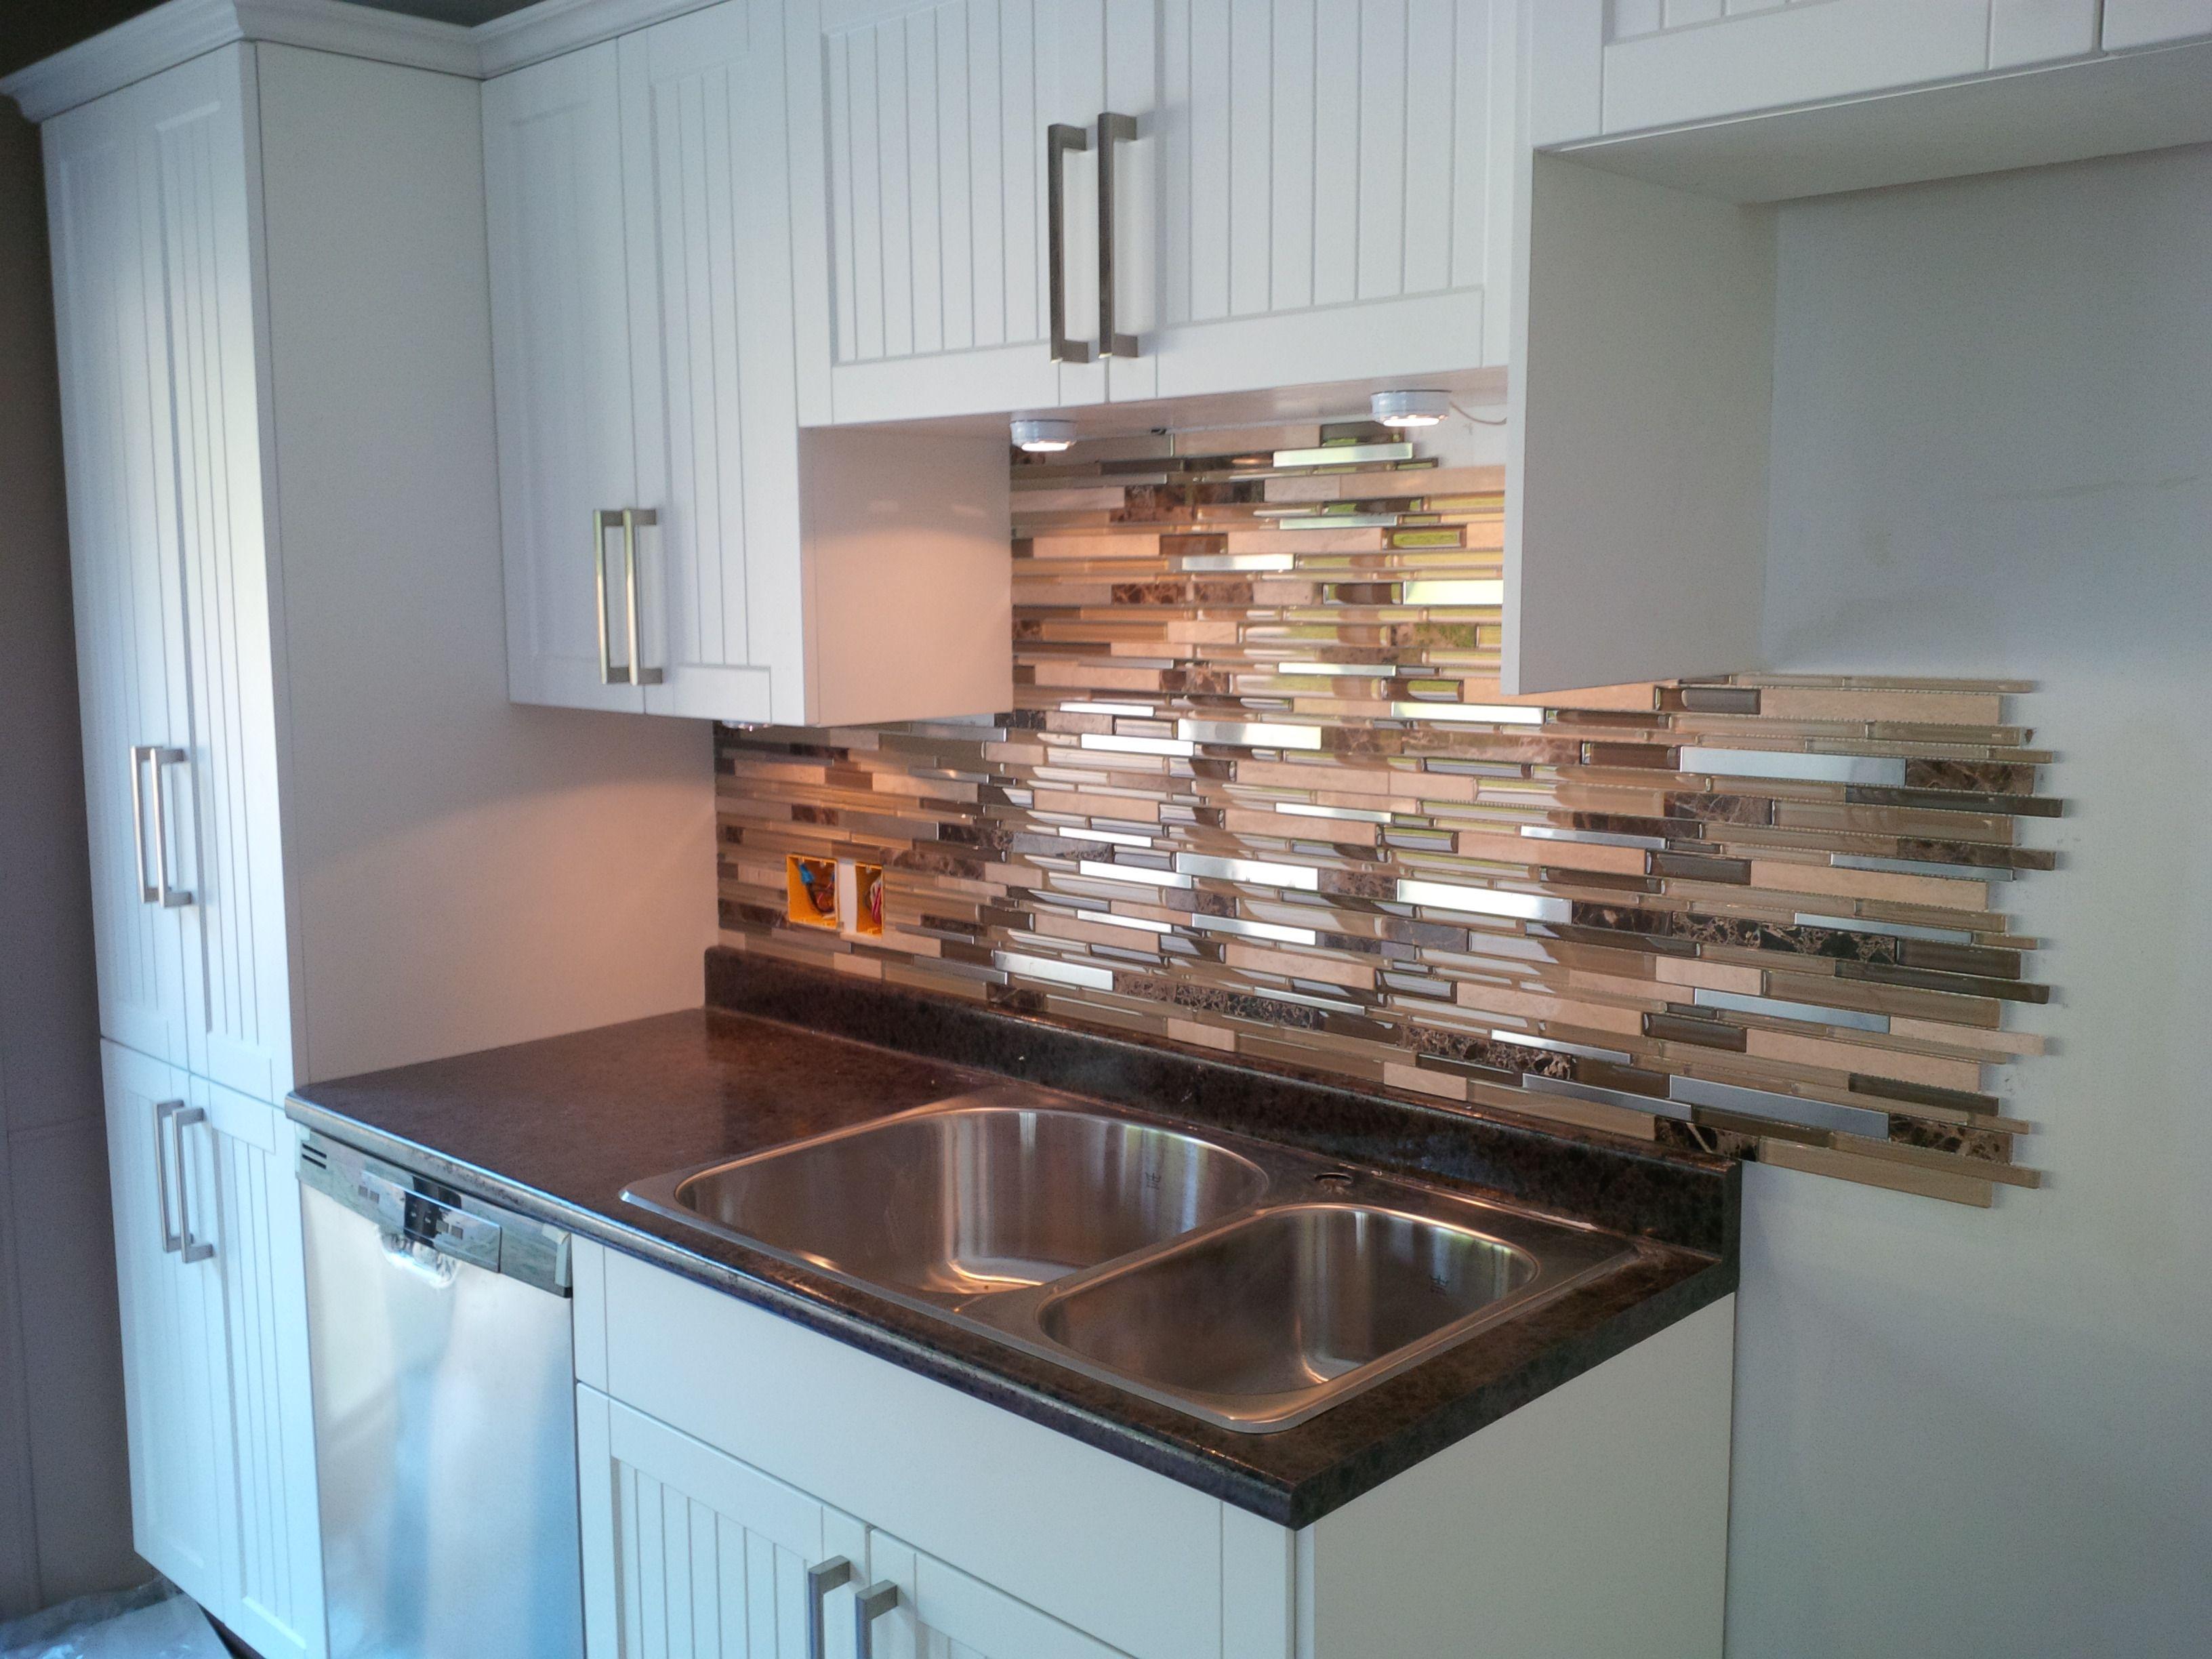 installing sassi mocha blend mosaic tiles home depot on my backsplash tile backsplash home. Black Bedroom Furniture Sets. Home Design Ideas